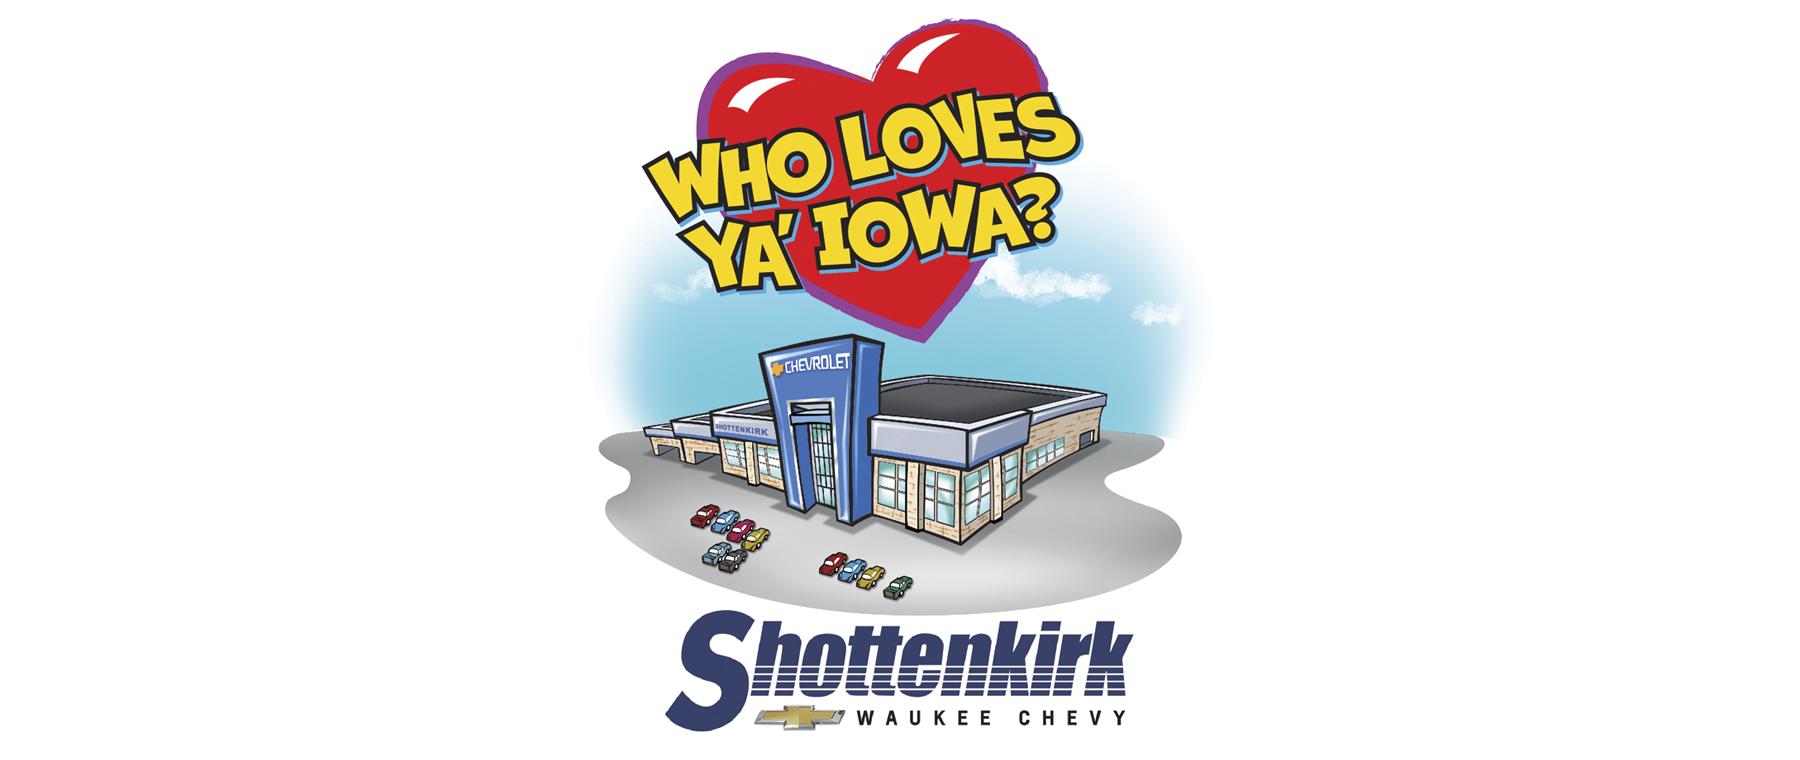 shottenkirk chevy loves ya iowa